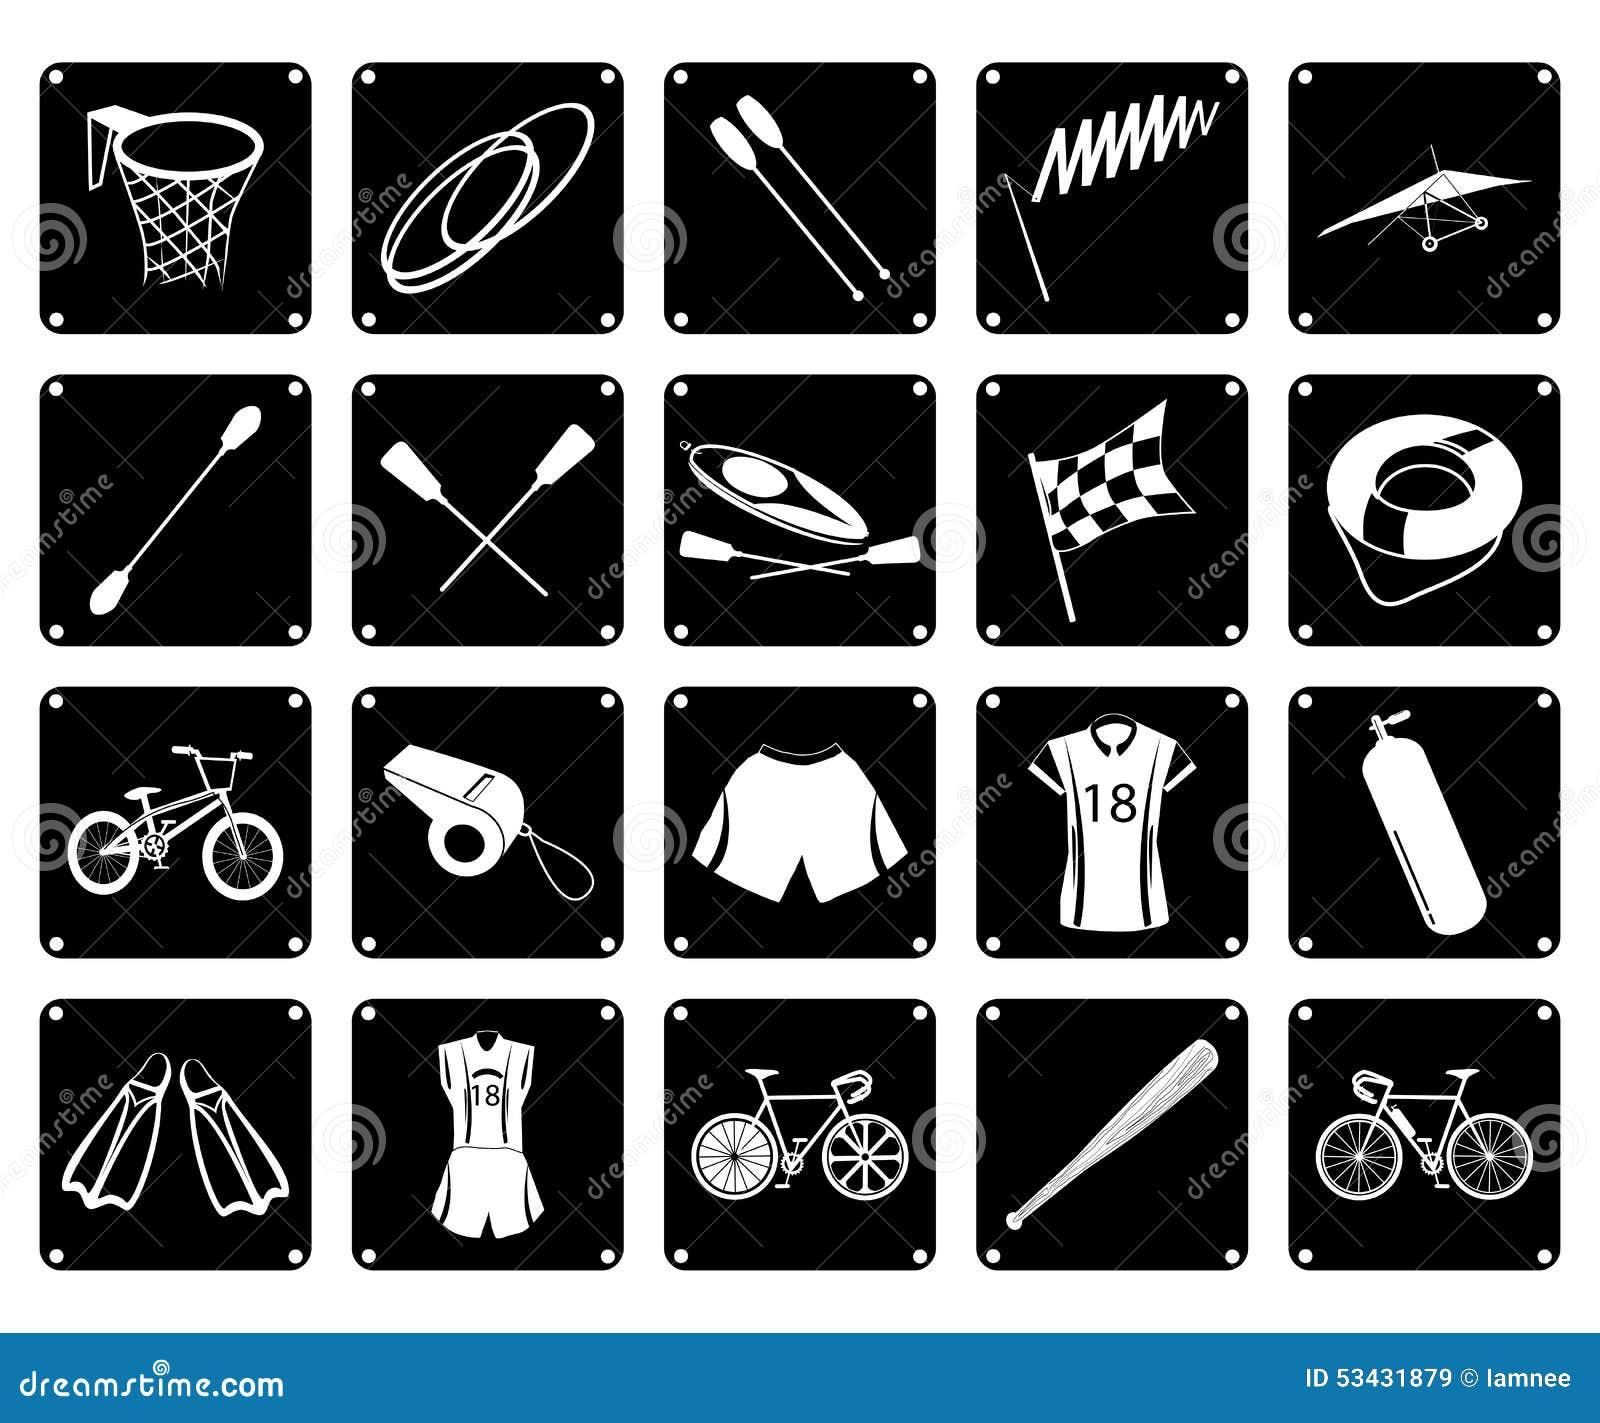 d7bfffe32 Grupo da ilustração do ícone 20 sortido de equipamentos de esporte e de  artigos do esporte em cores preto e branco